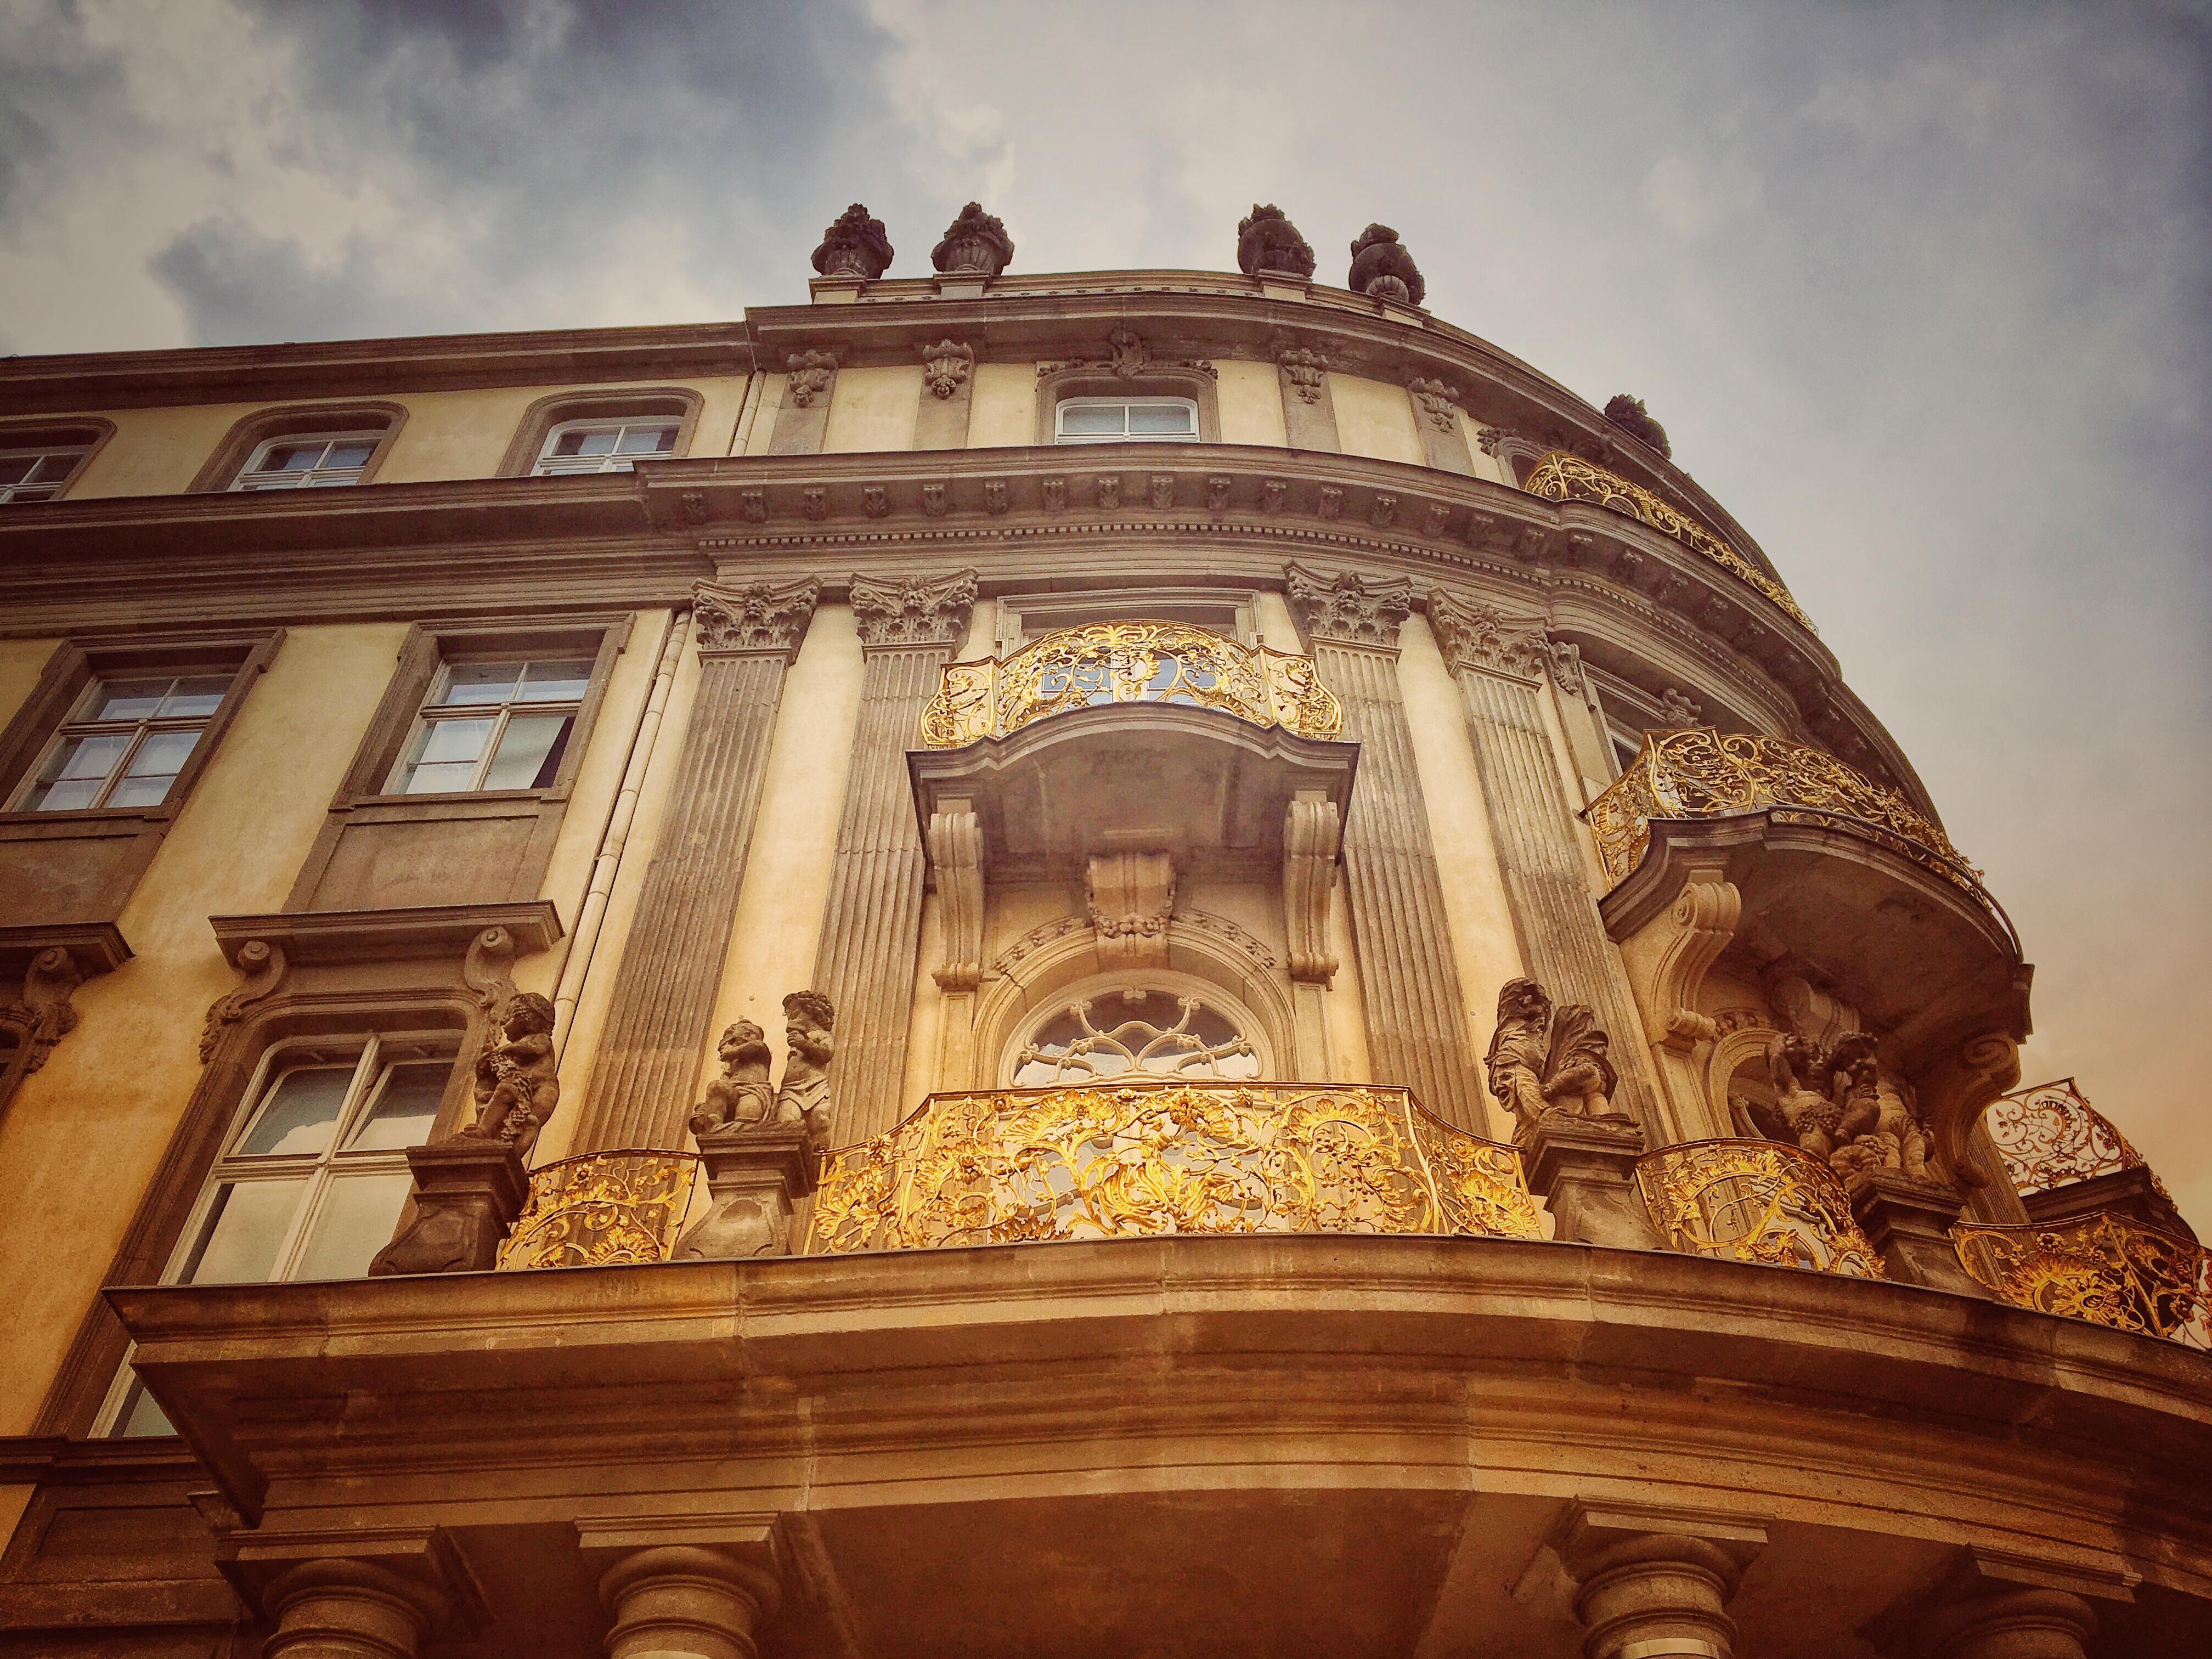 Ephraim-Palais im Berliner Nikolaiviertel